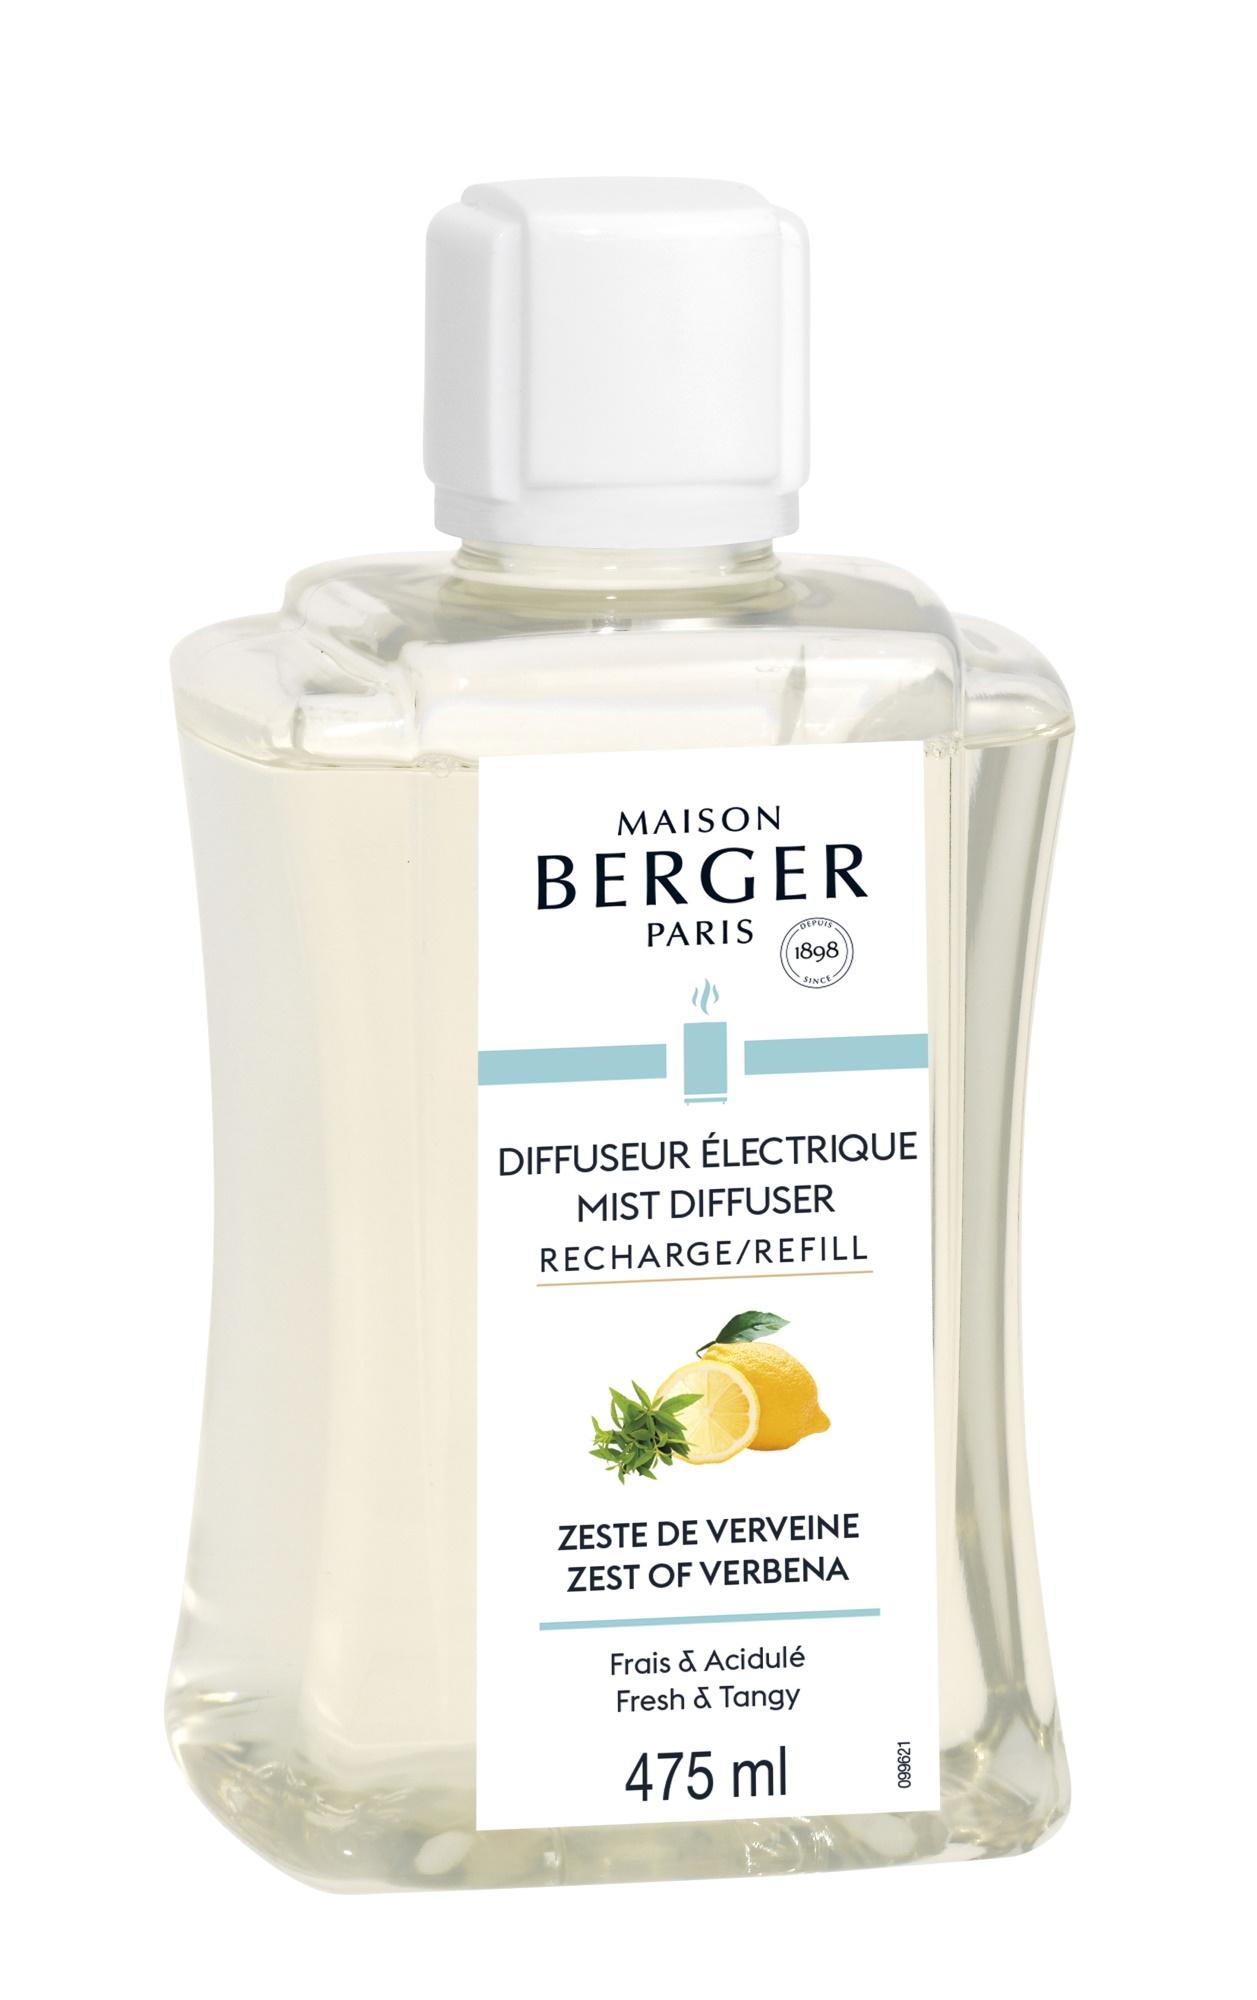 Parfum pentru difuzor ultrasonic Berger Zeste de Verveine 475ml poza